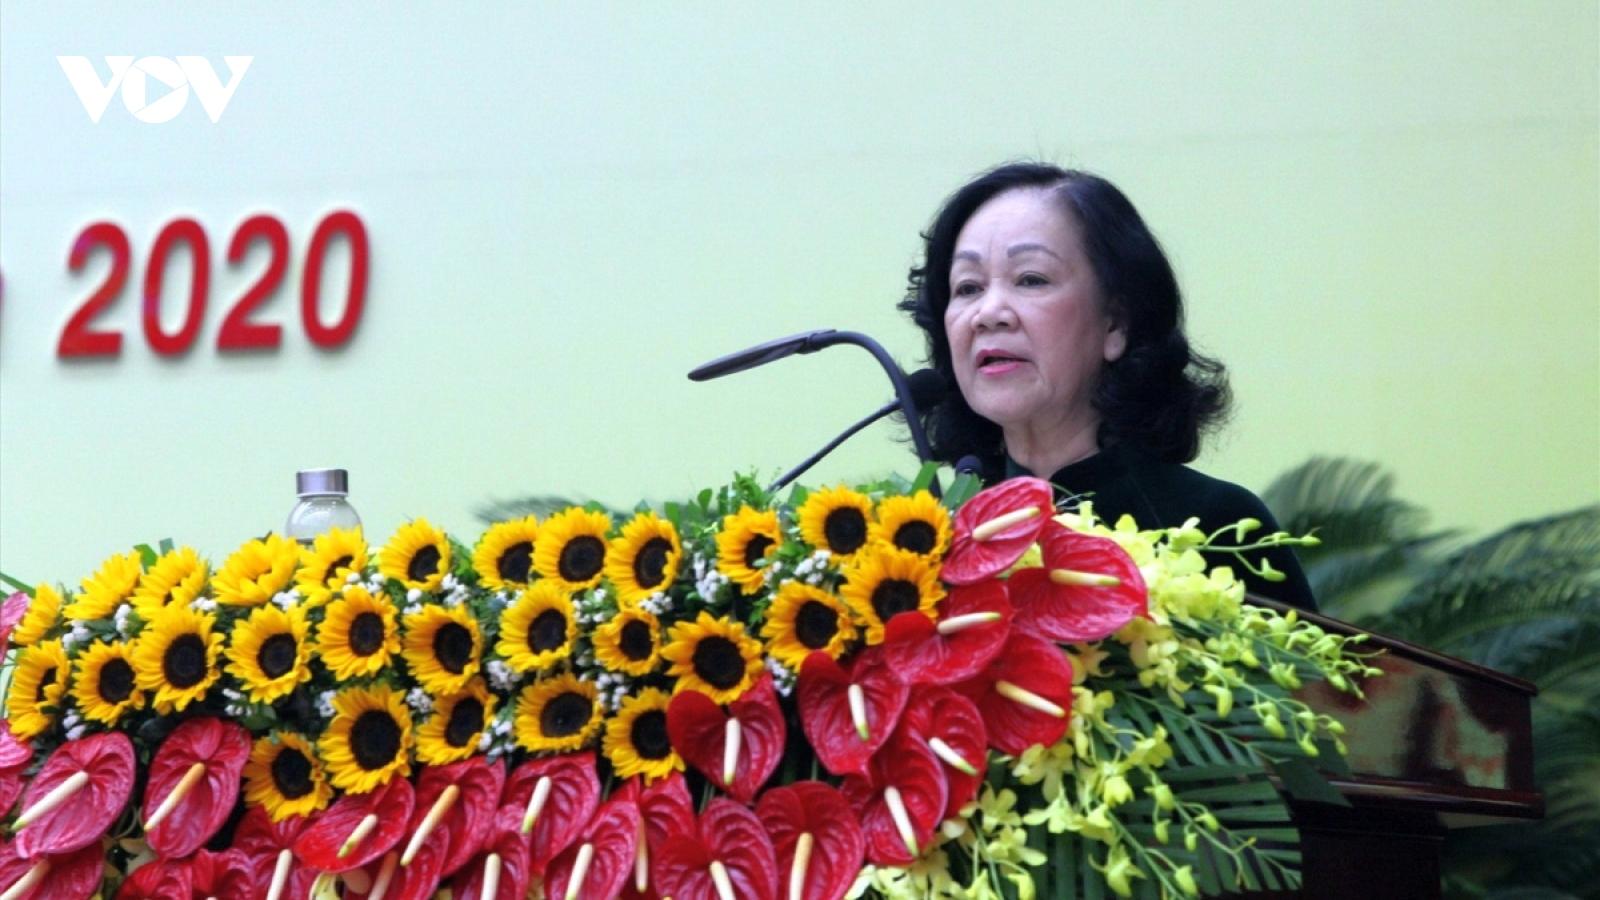 Quảng Nam phấn đấu trở thành tỉnh khá của cả nước vào năm 2030